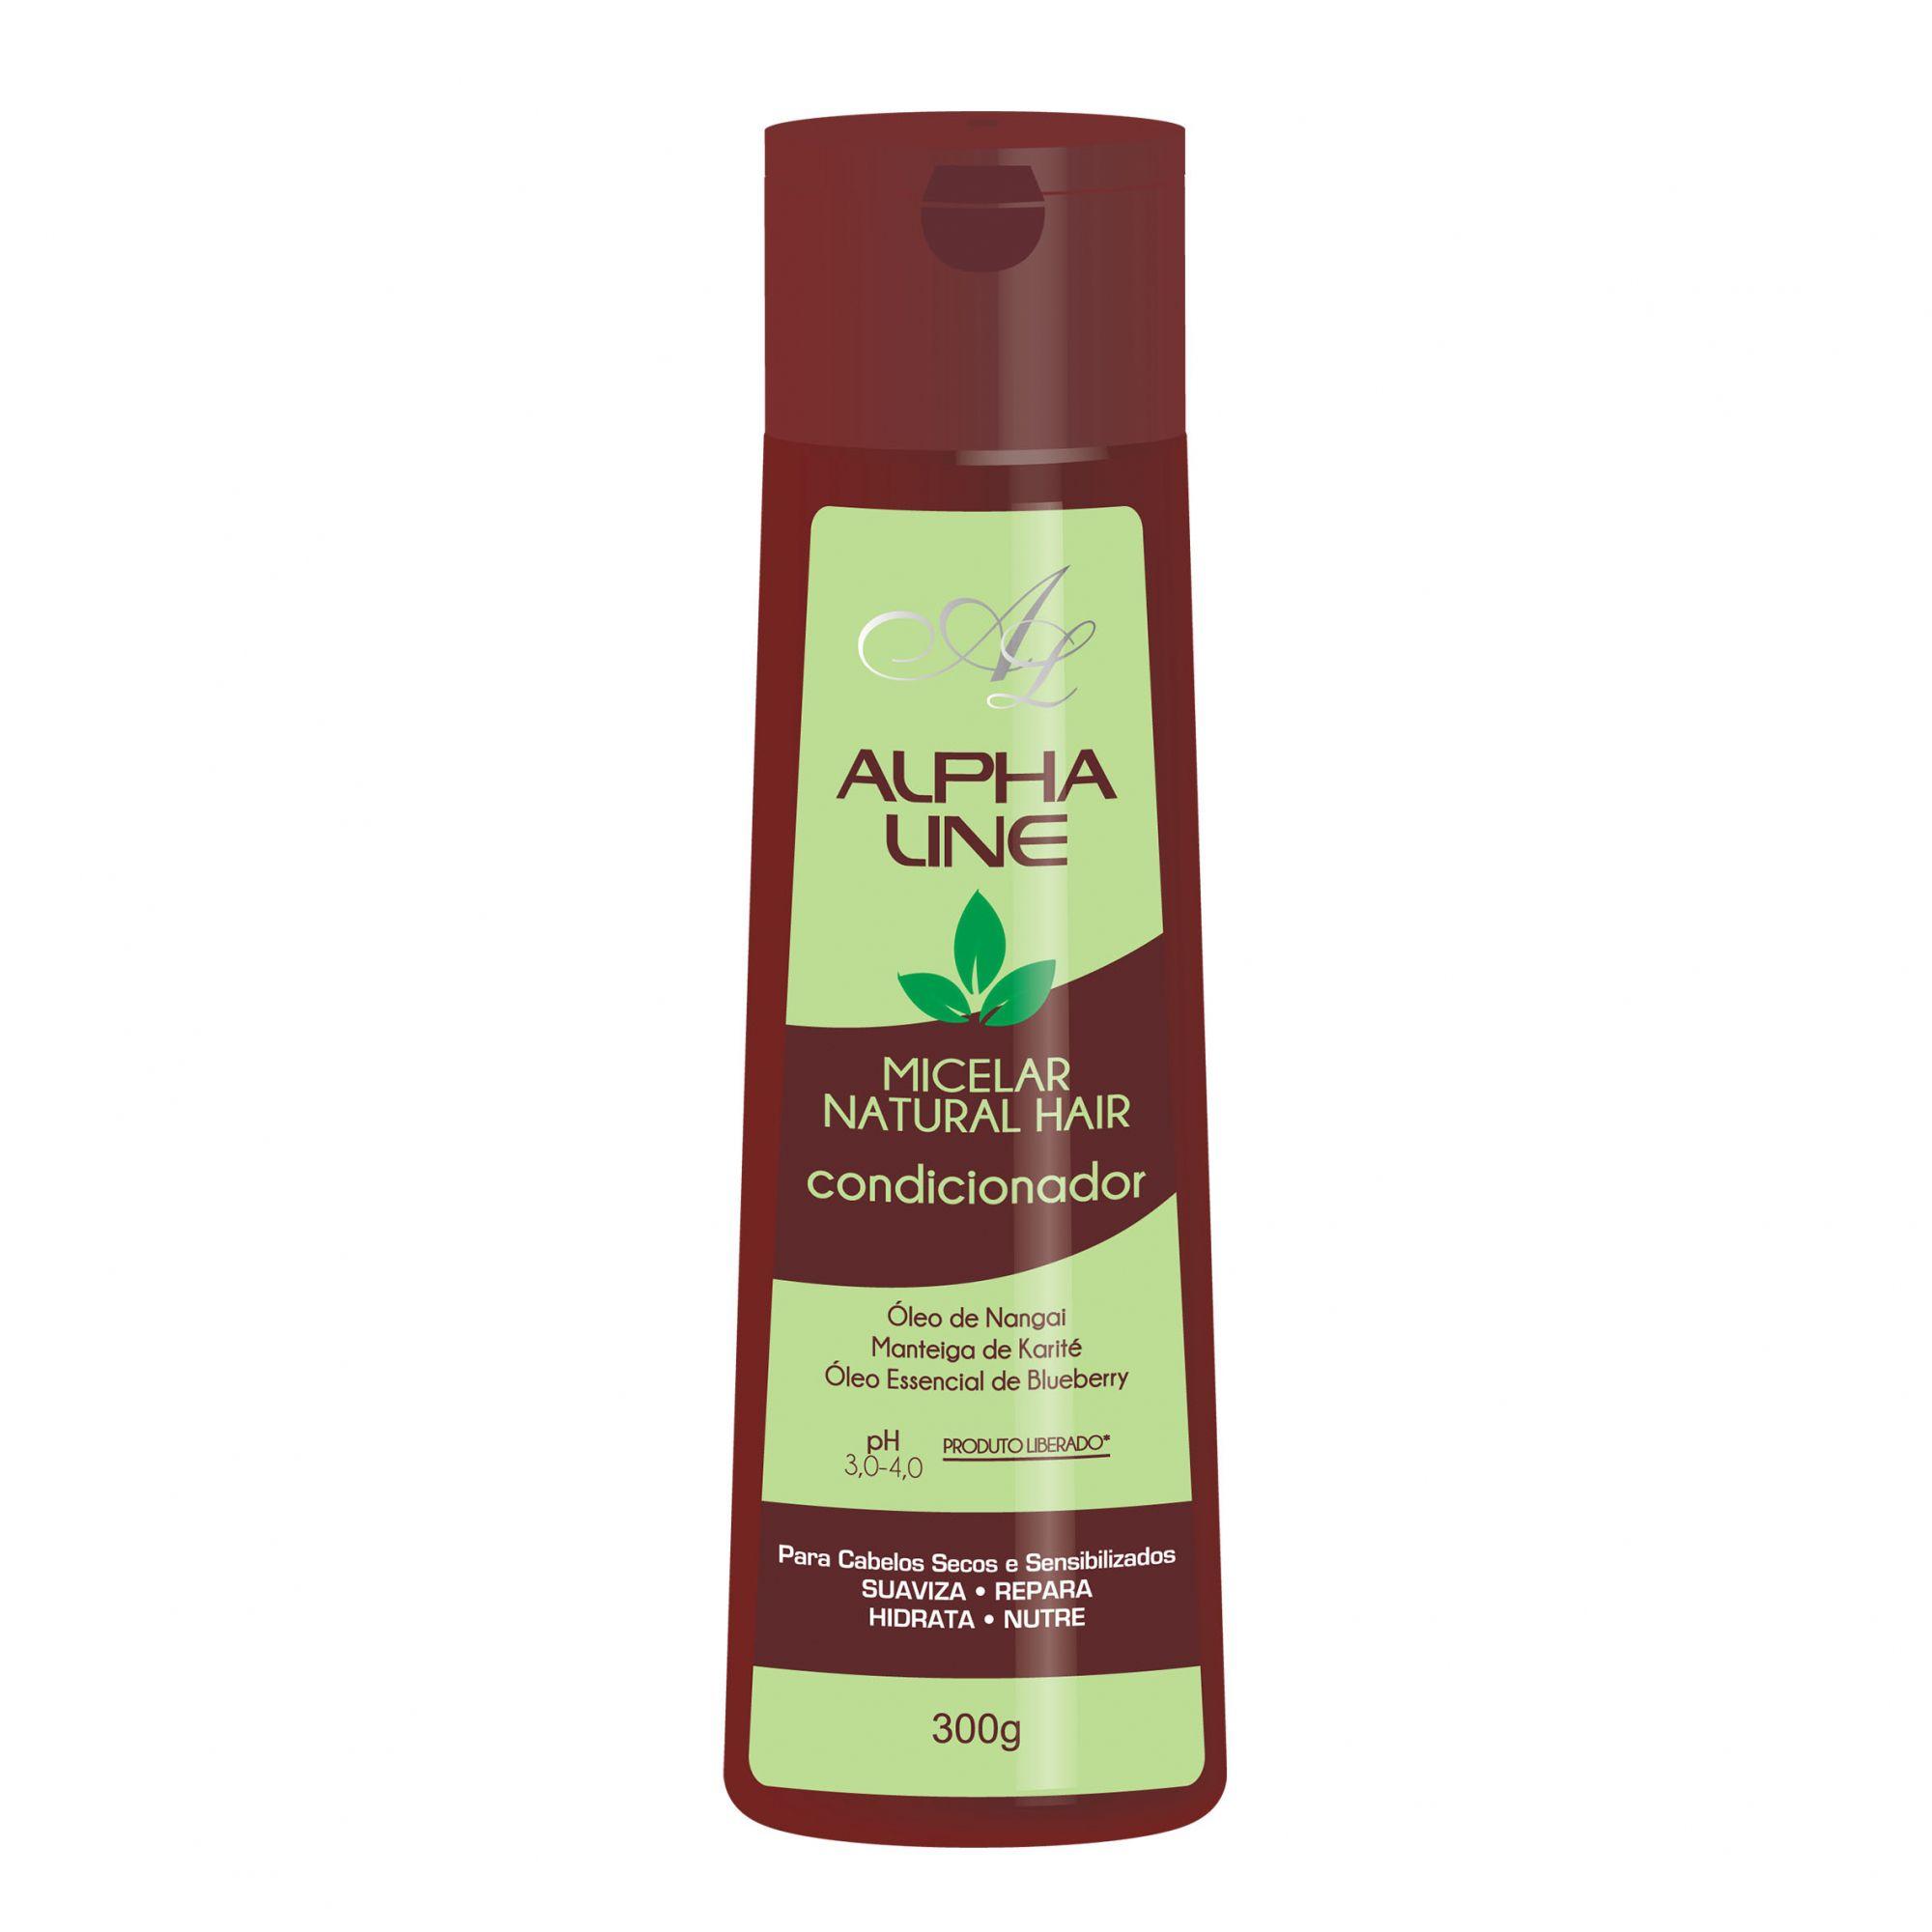 Condicionador Micelar Natural Hair 300g Alpha Line